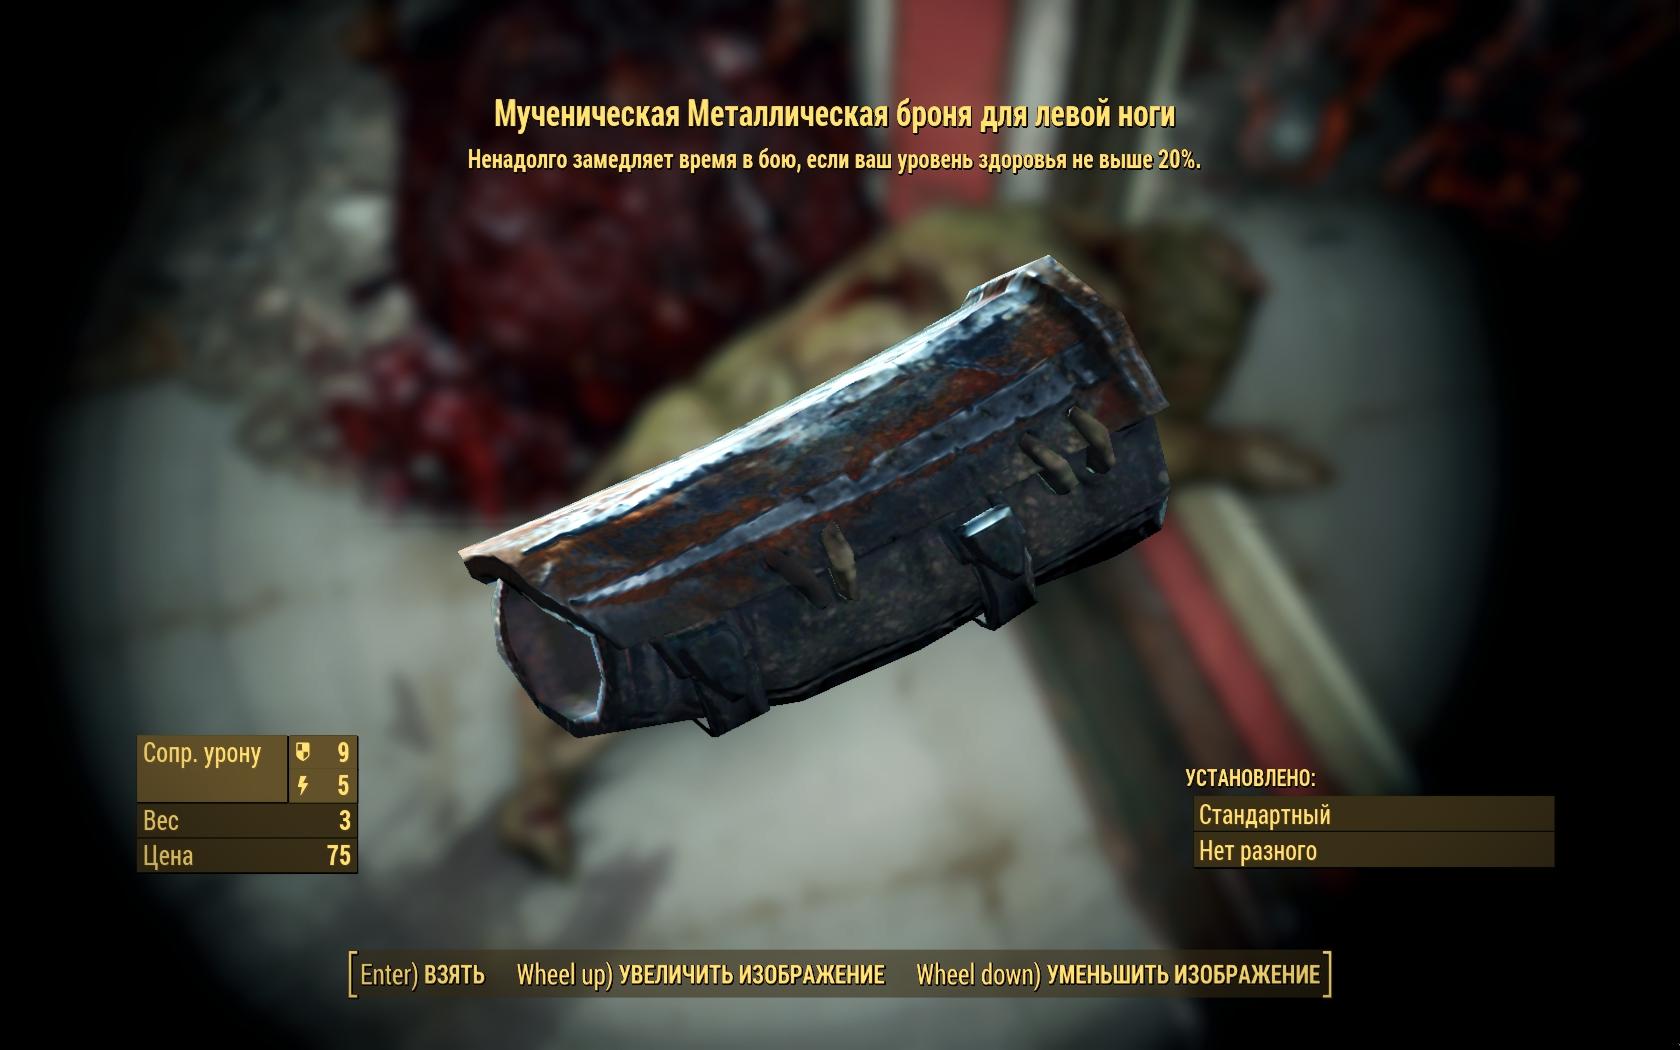 Мученическая металлическая броня для левой ноги - Fallout 4 броня, Одежда